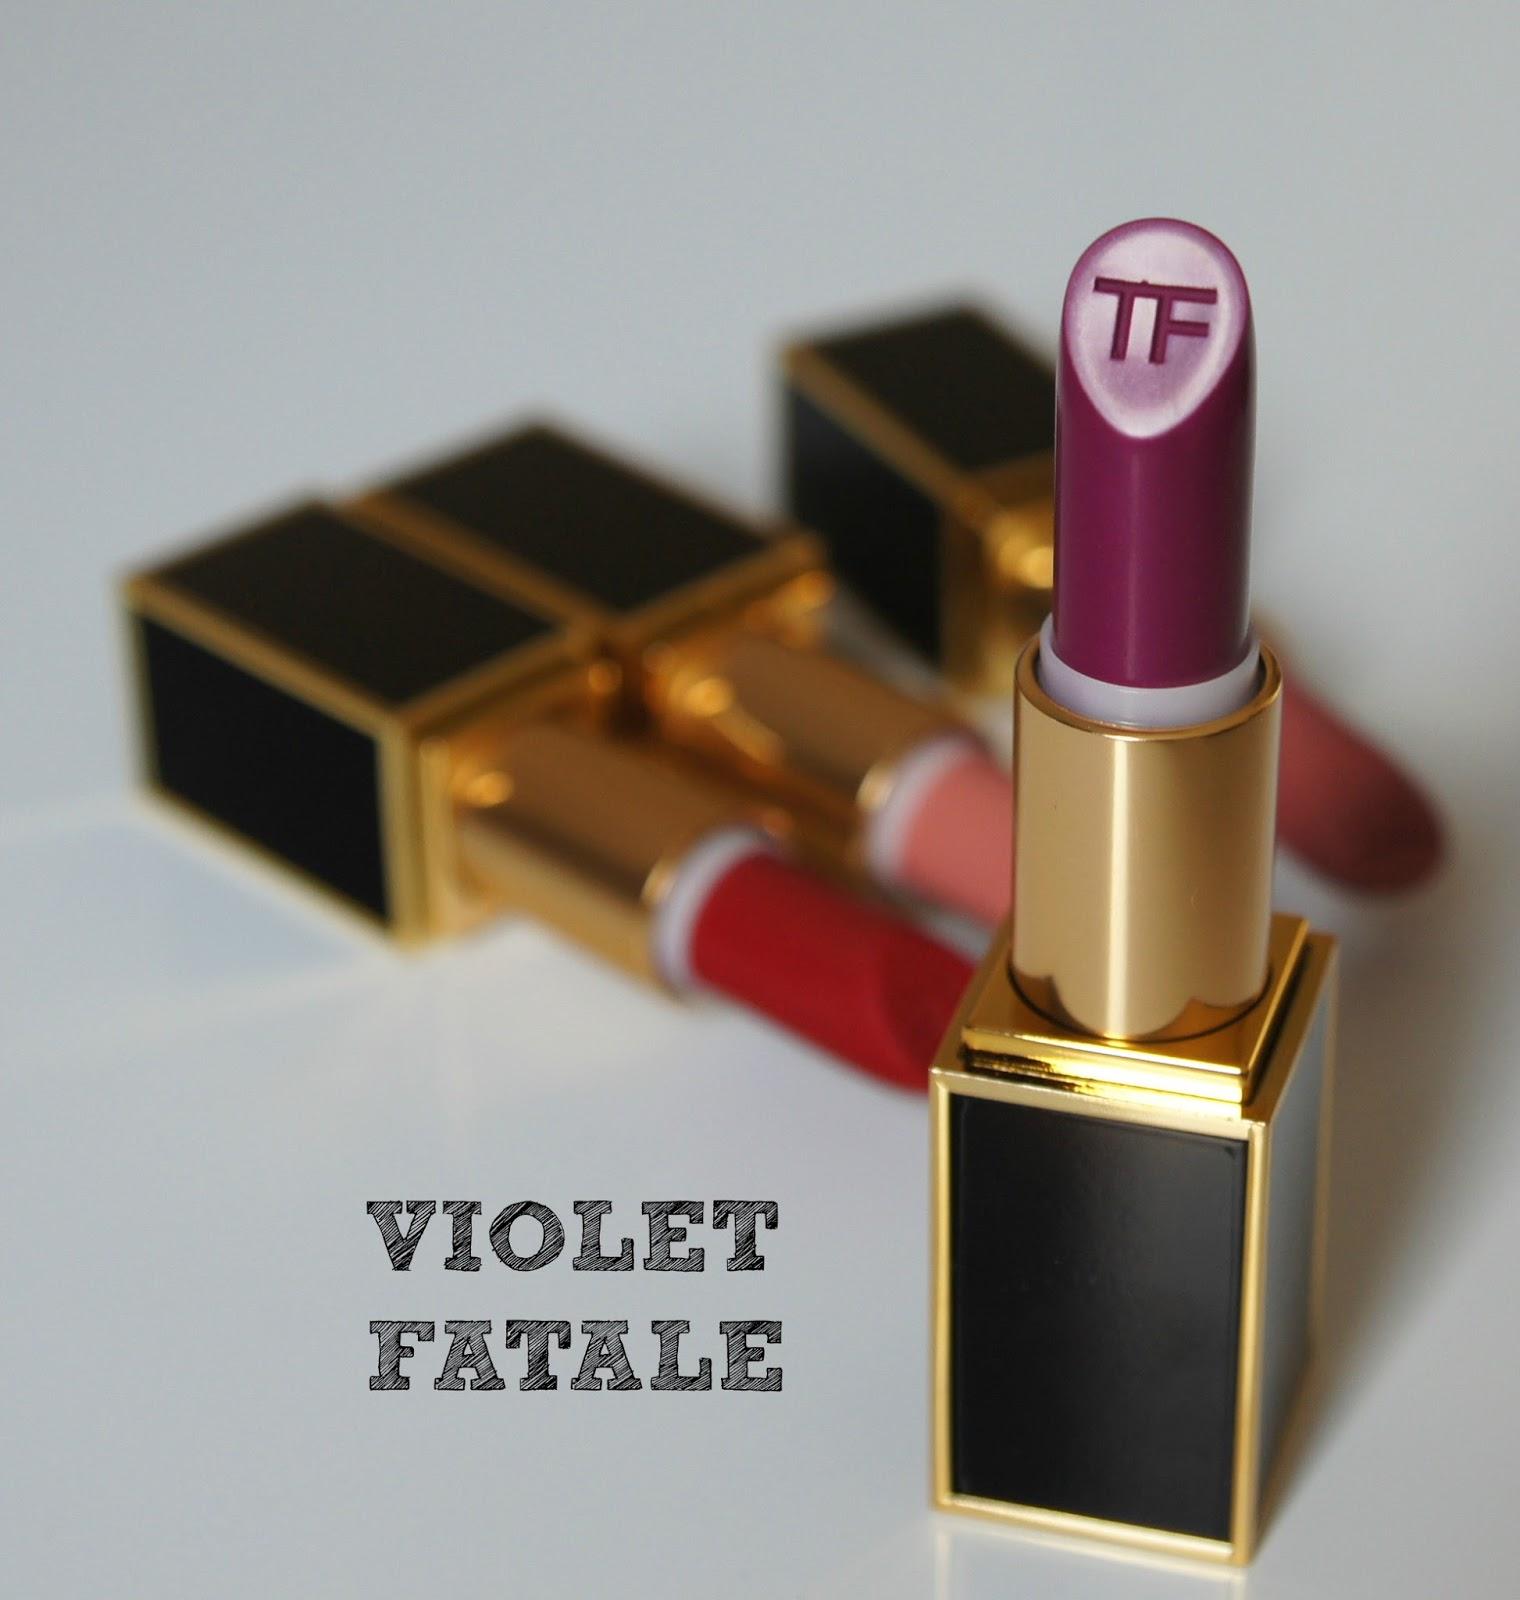 Tom Ford Violet Fatale